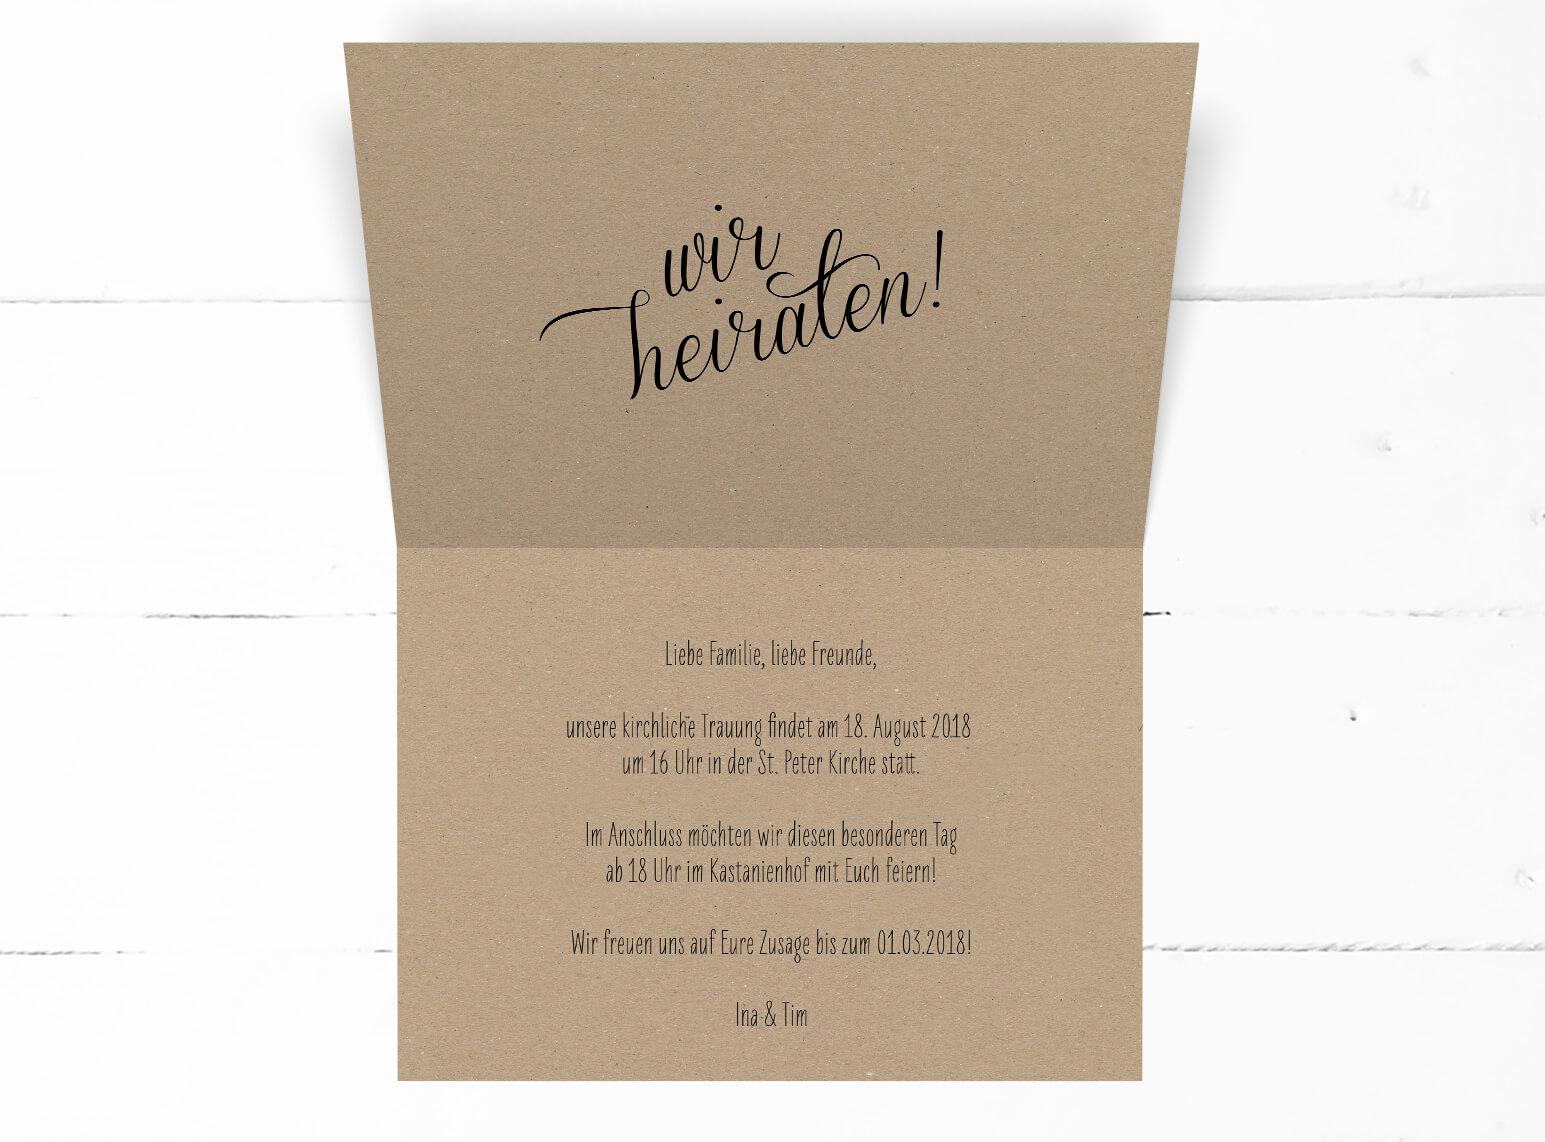 Hochzeit, Einladung, Kraftpapier, echtes Kraftpapier, schwarze Kalligrafie, DIN C6 Klappkarte, Querformat, Innen